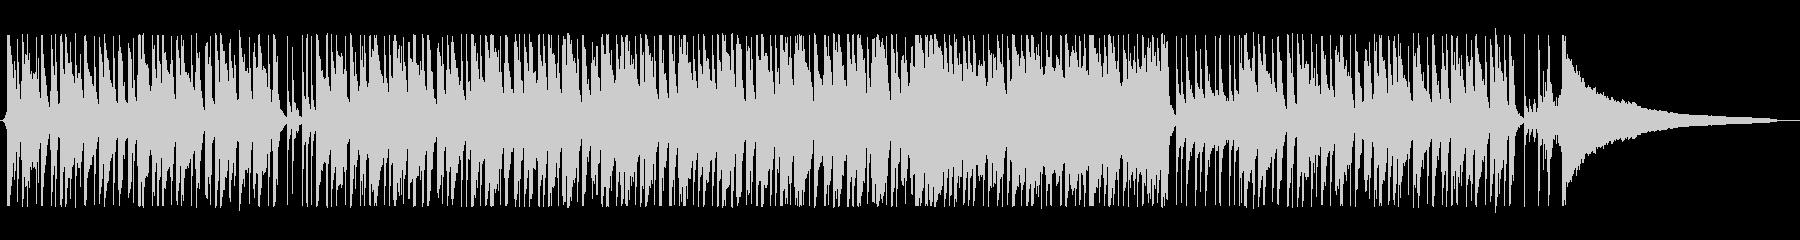 軽やかで明るいシンセポップサウンドの未再生の波形